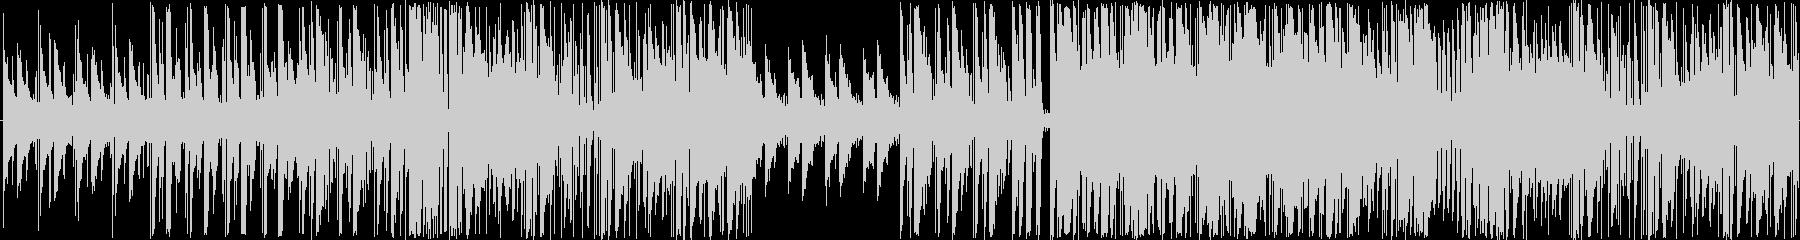 エレクトロと生楽器の軽快でおしゃれな楽曲の未再生の波形